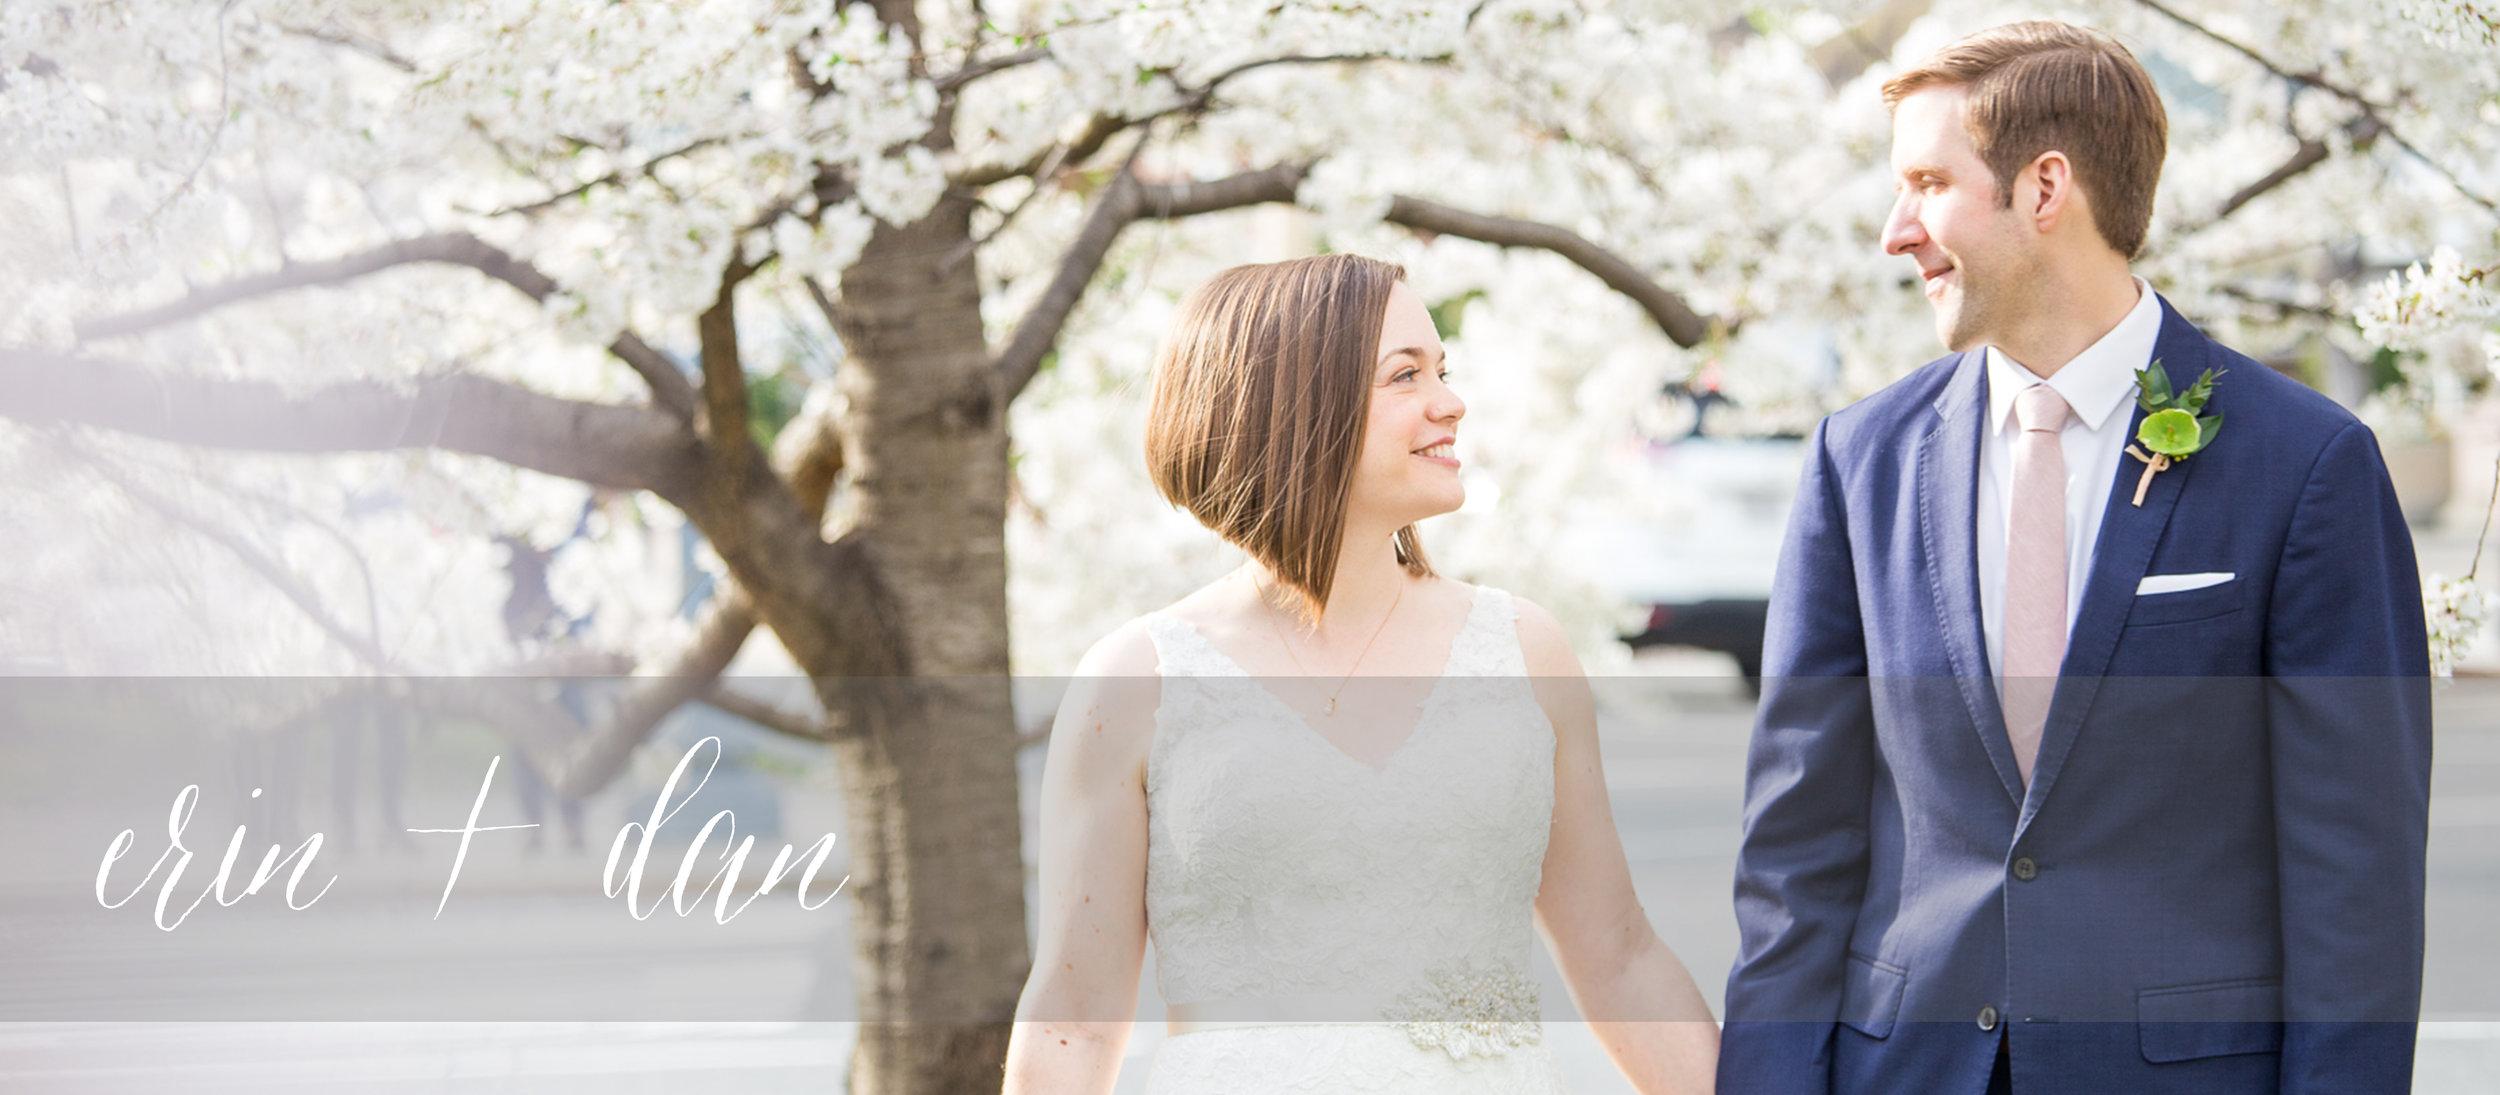 authentic genuine Washington DC wedding photography